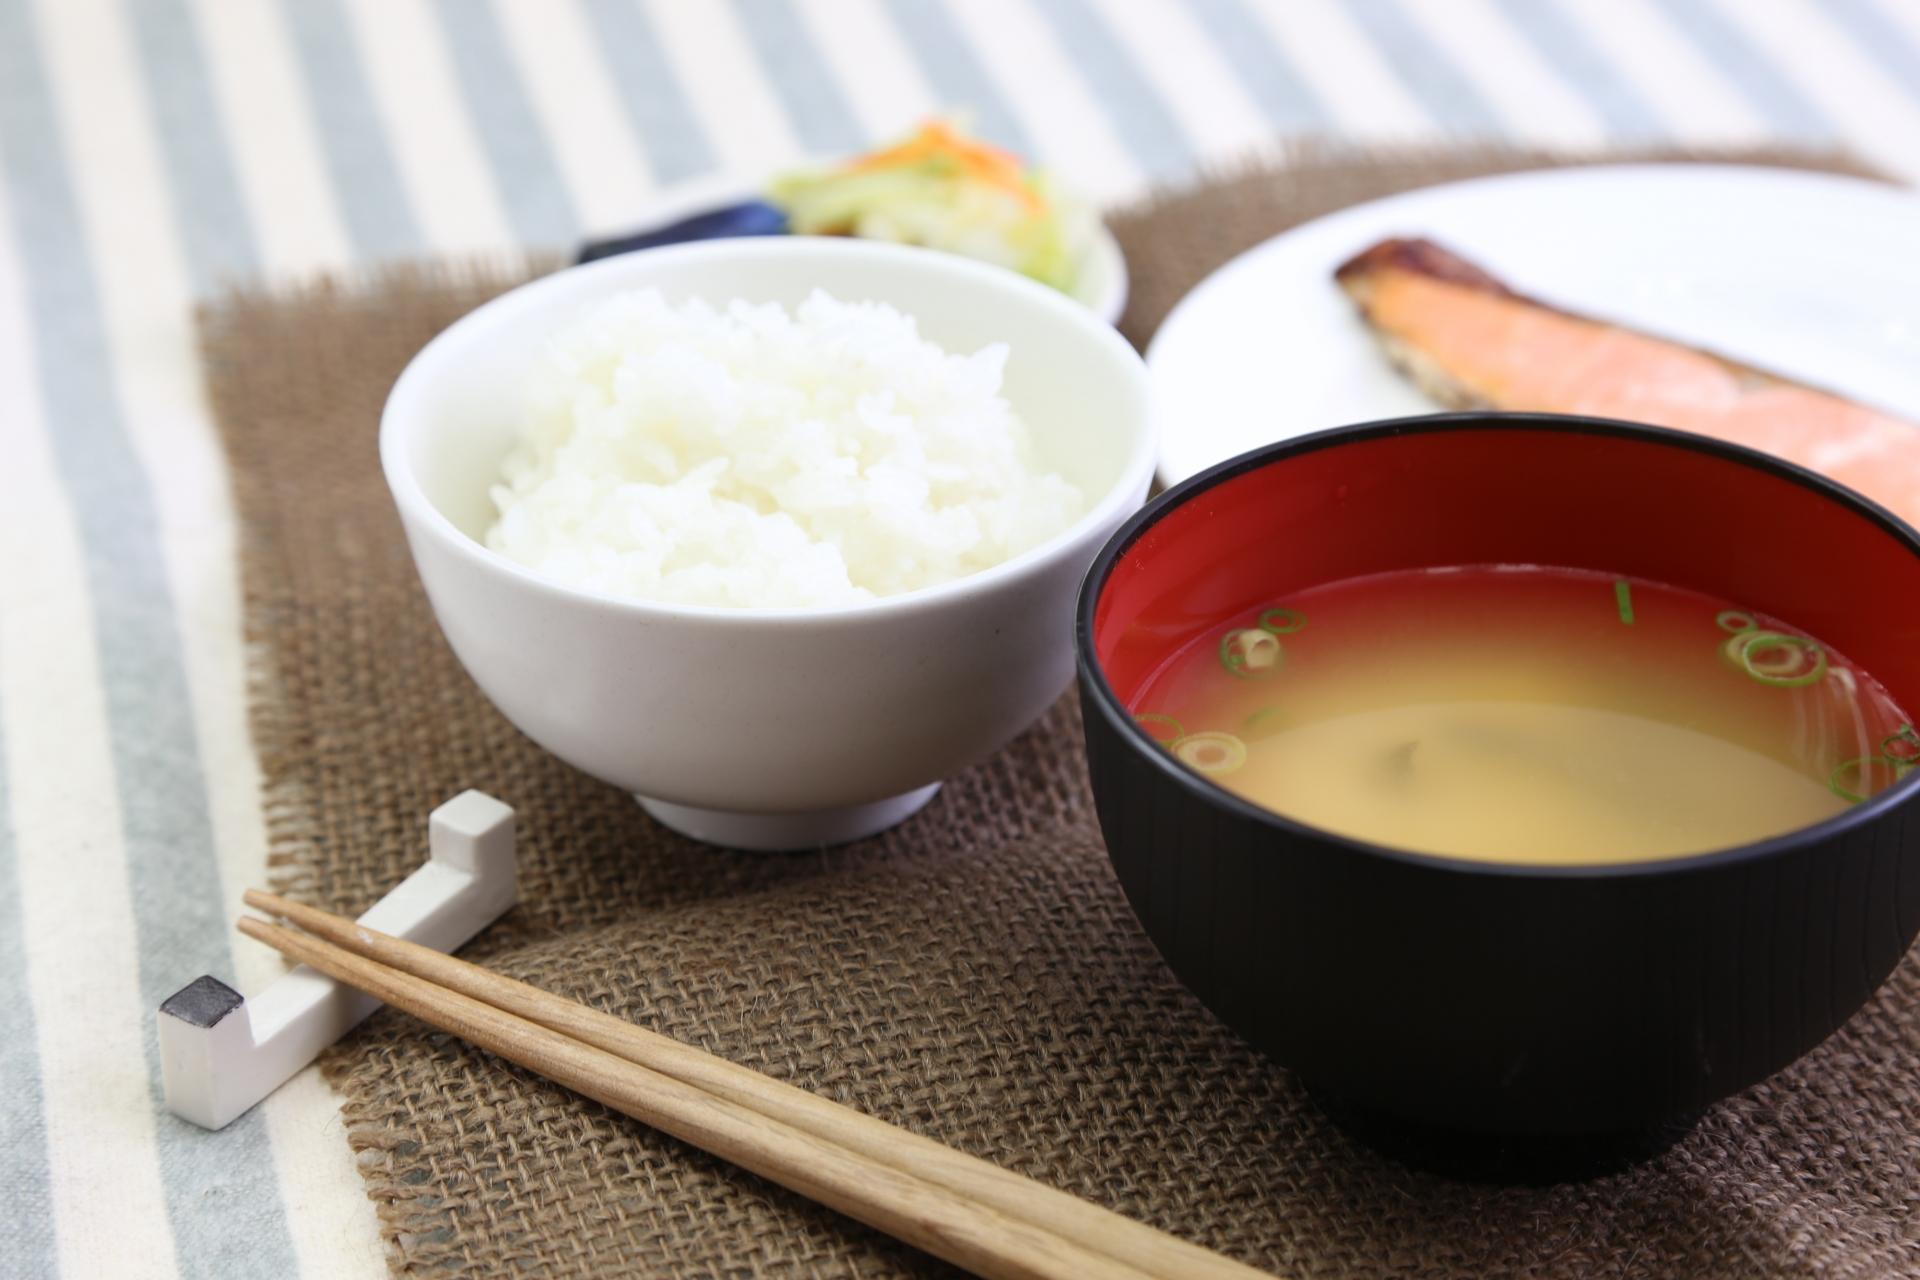 インスタント味噌汁のおすすめ4選&選び方【アレンジも】